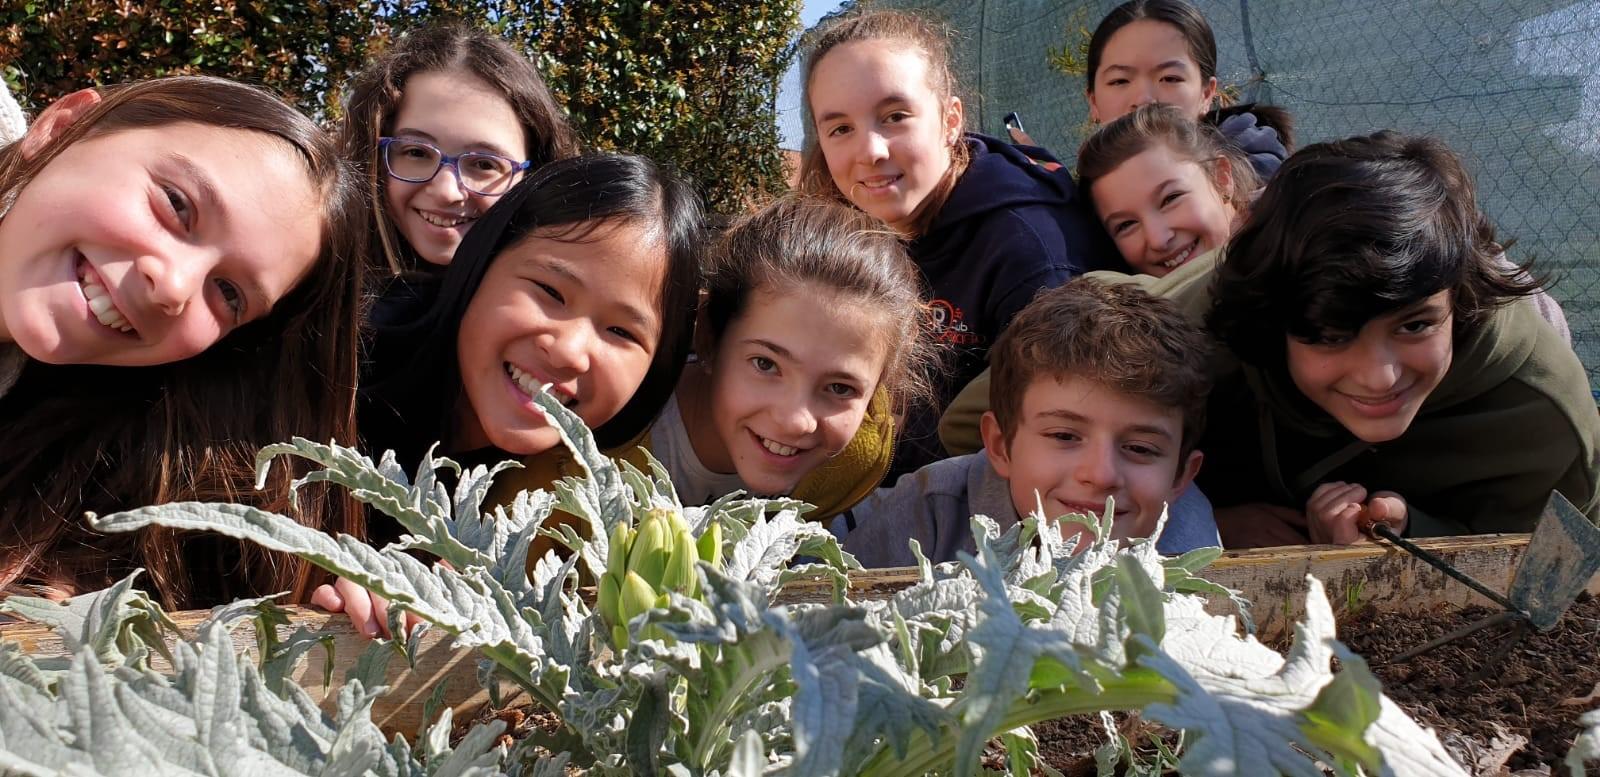 Orto scolastico: imparare, scoprire e collaborare a contatto con la natura